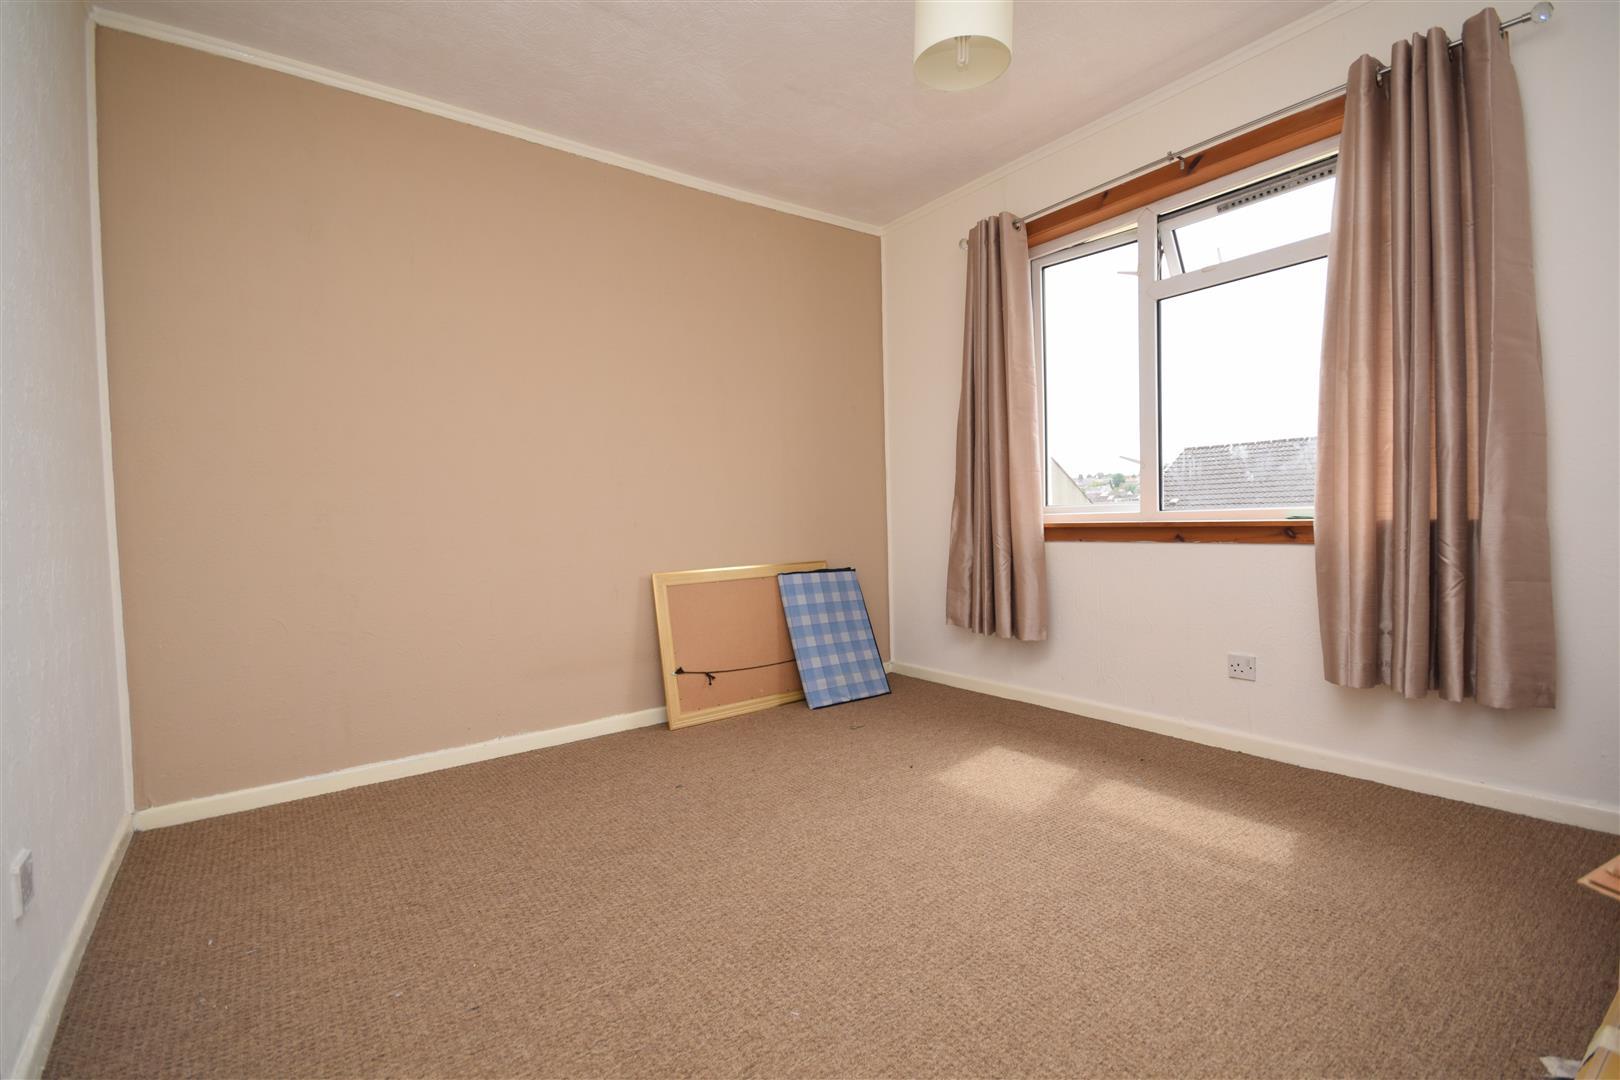 59, Cluny Terrace, Perth, Perthshire, PH1 2HP, UK